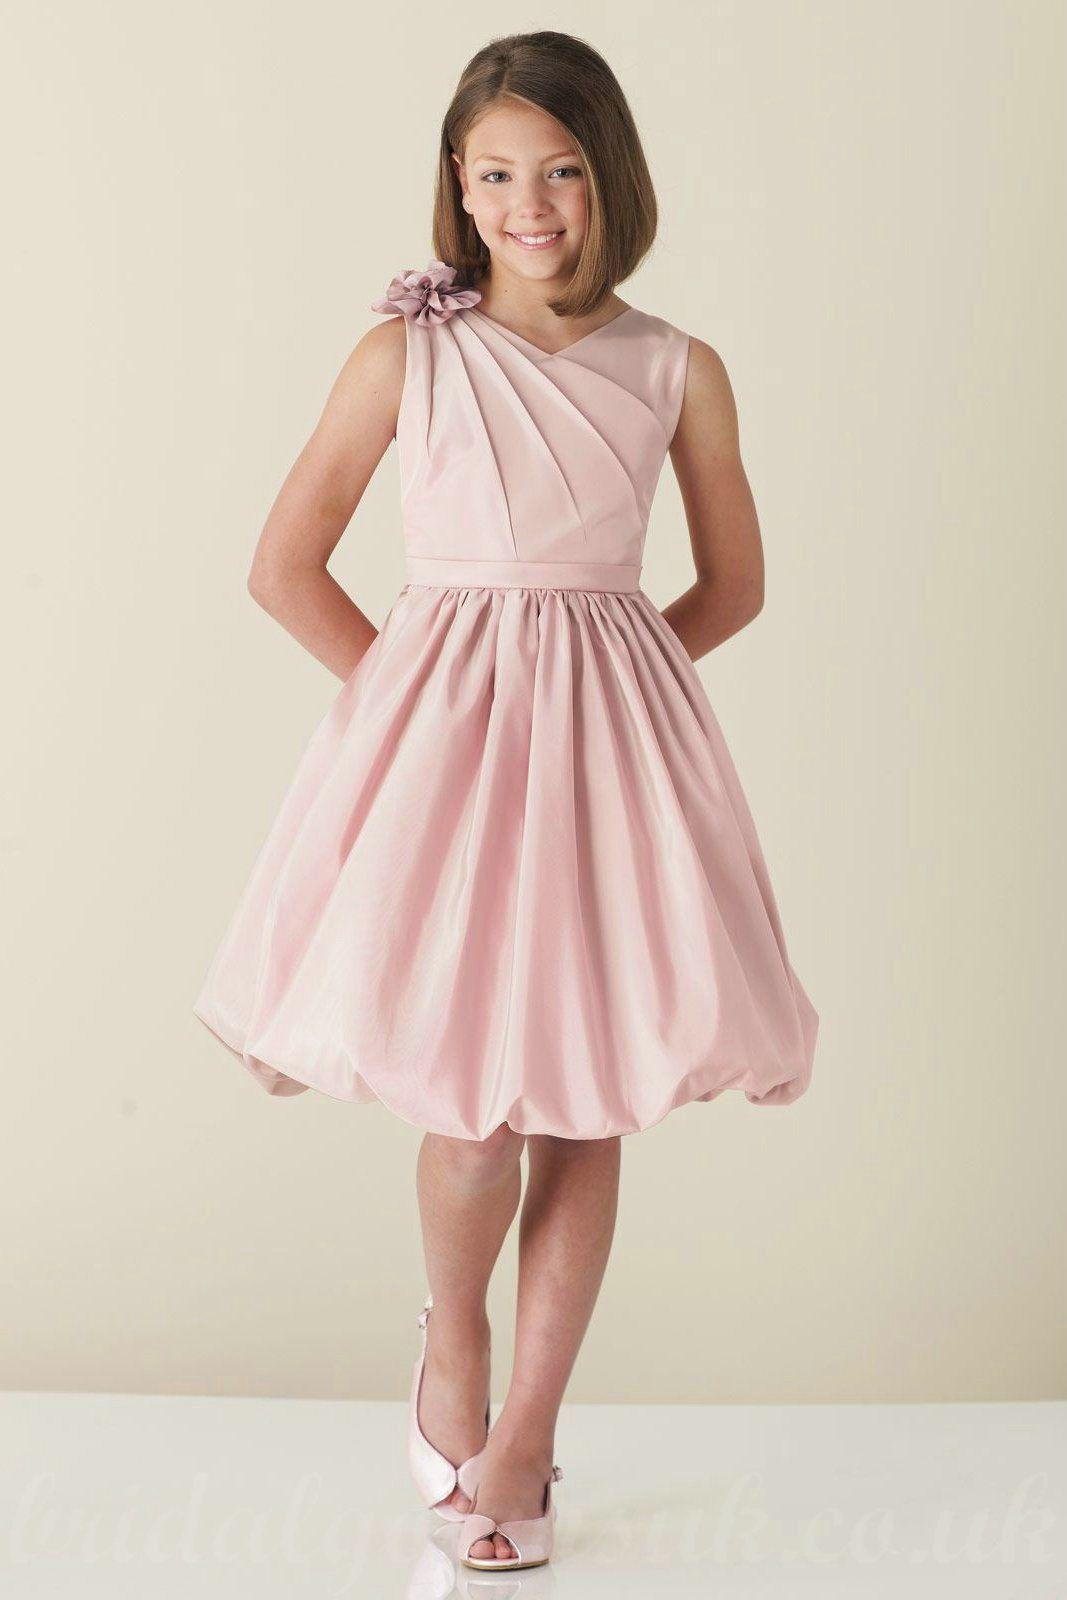 imagenes-de-vestidos-de-noche-para-niñas.jpg (1067×1600) | vestidos ...